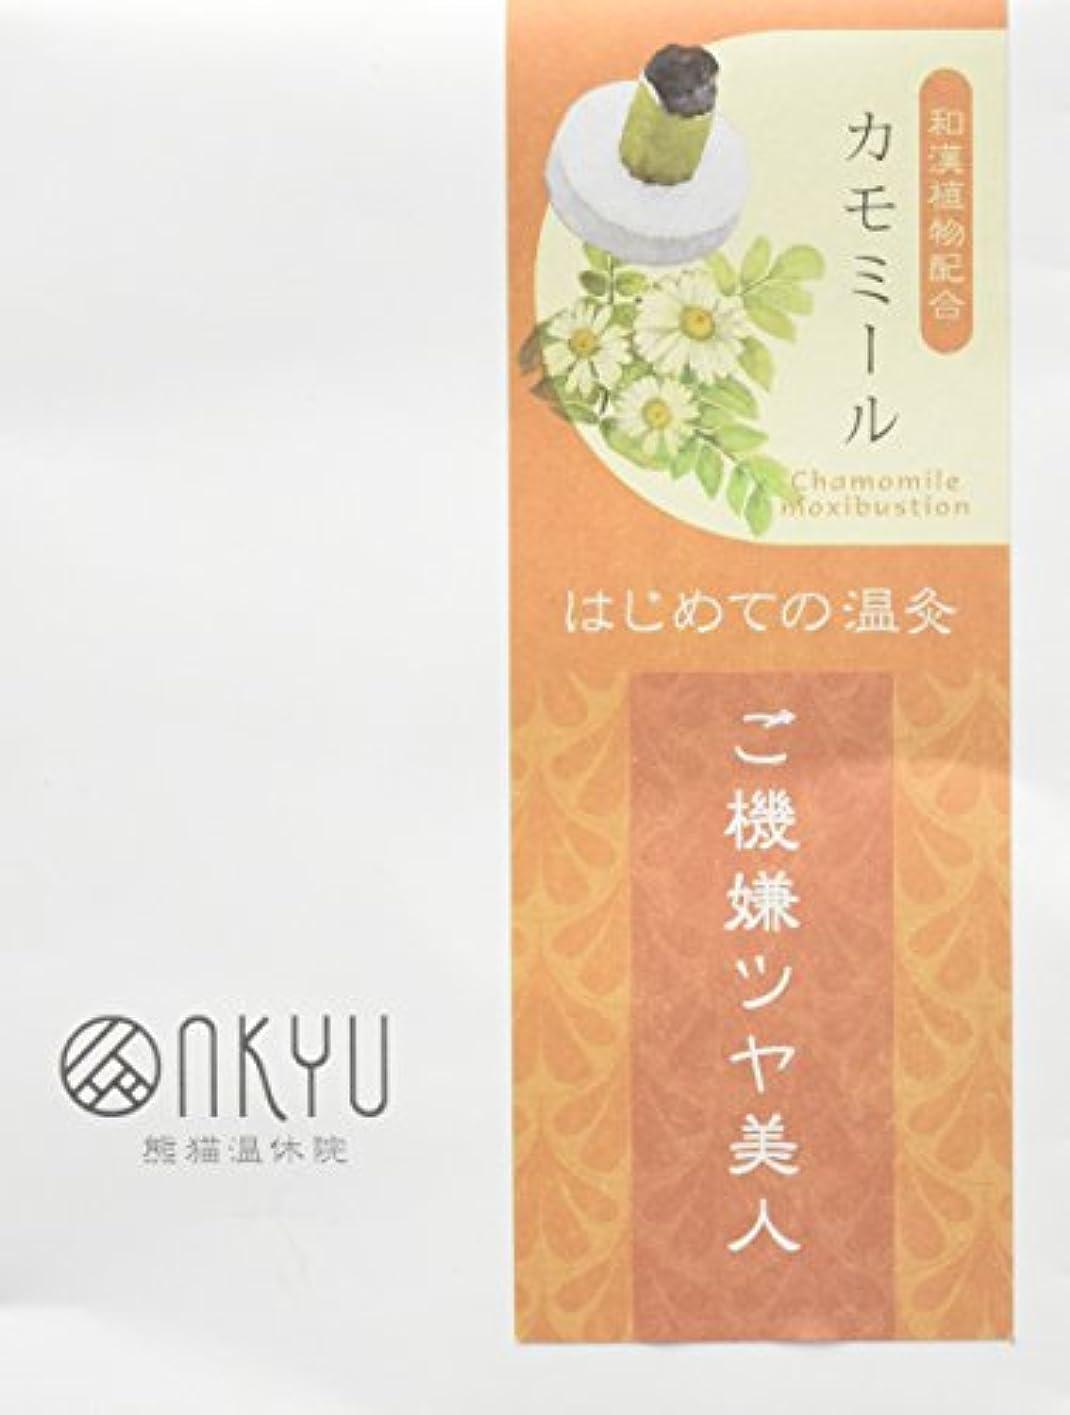 靴下焦げビリー和漢植物配合 温灸 カモミールの温灸10粒